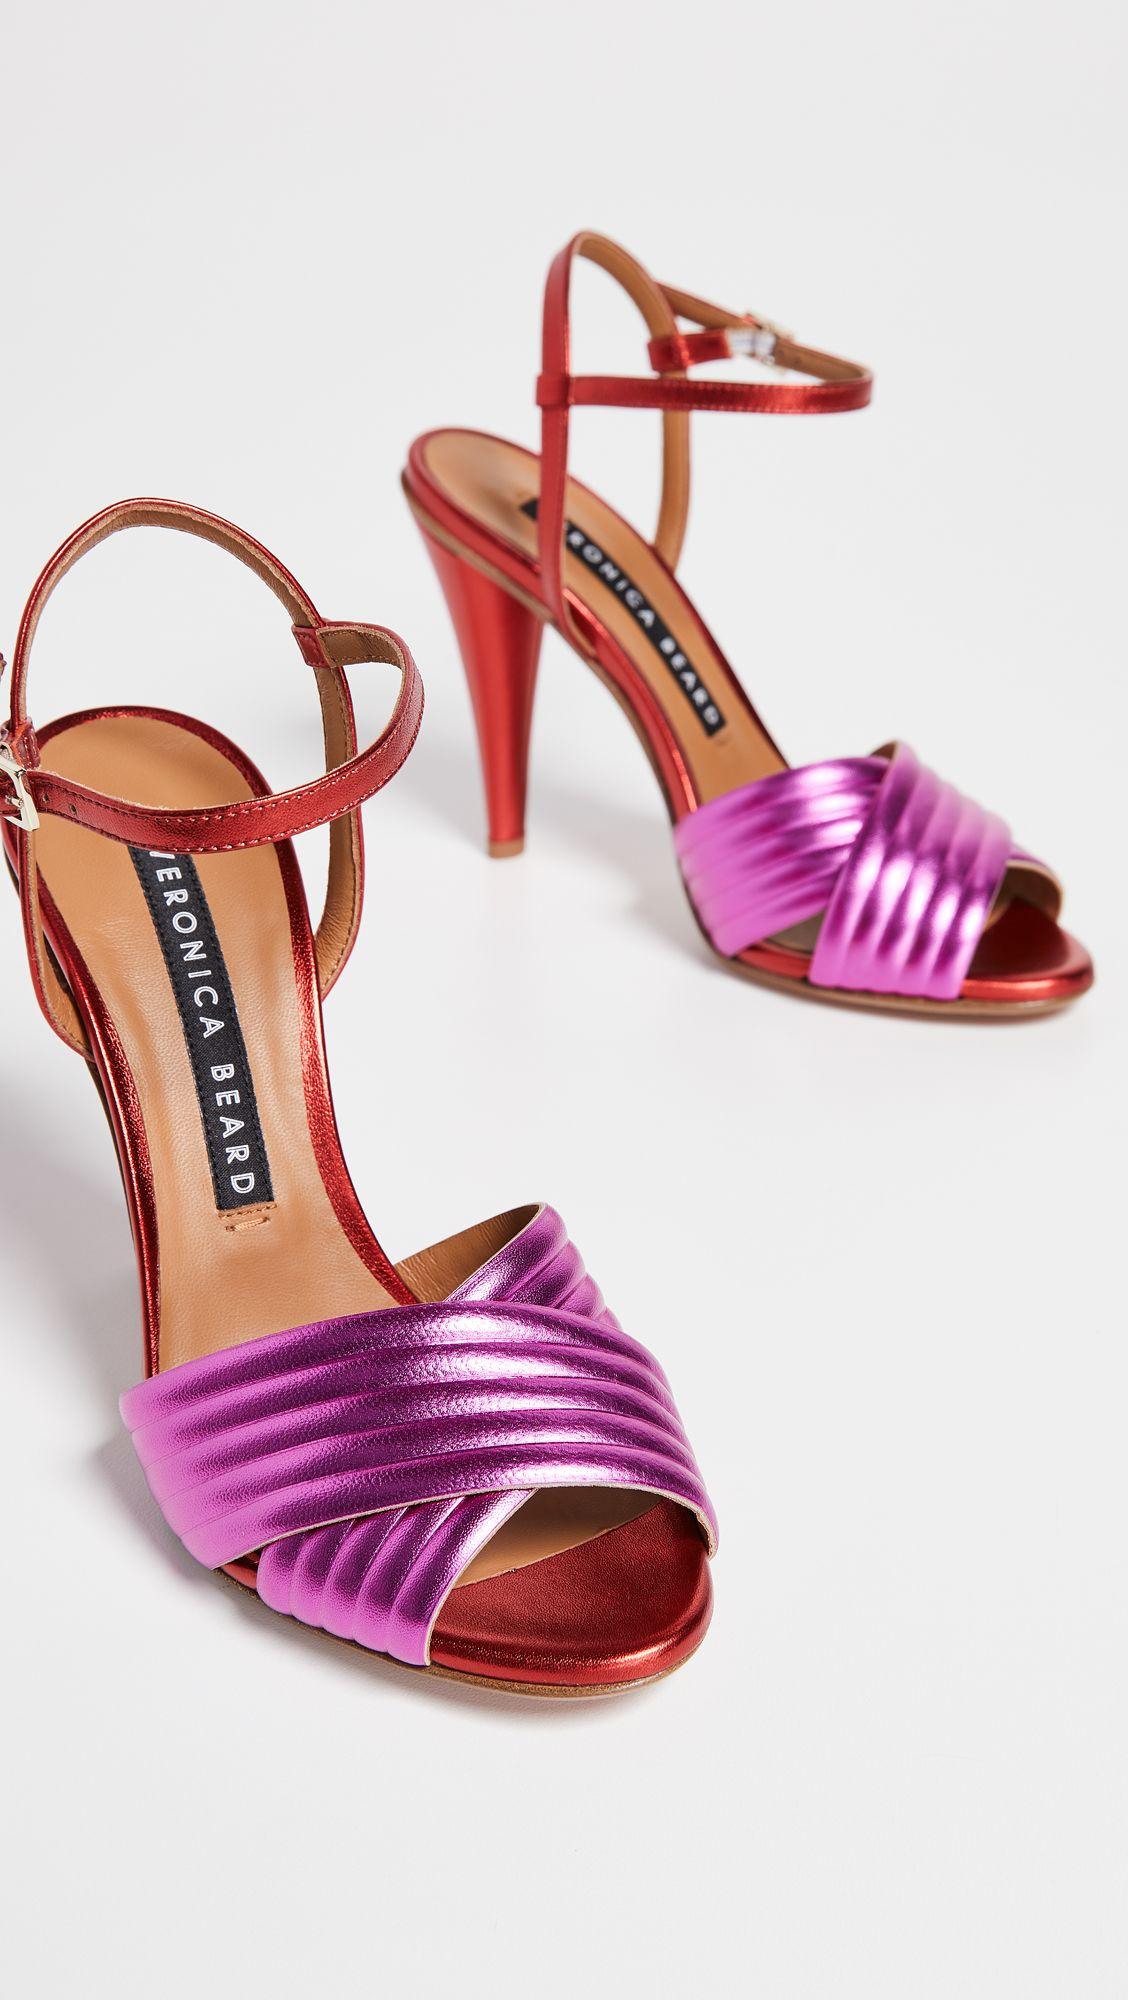 c80b4d27278 Olympia Sandals affiliatelink